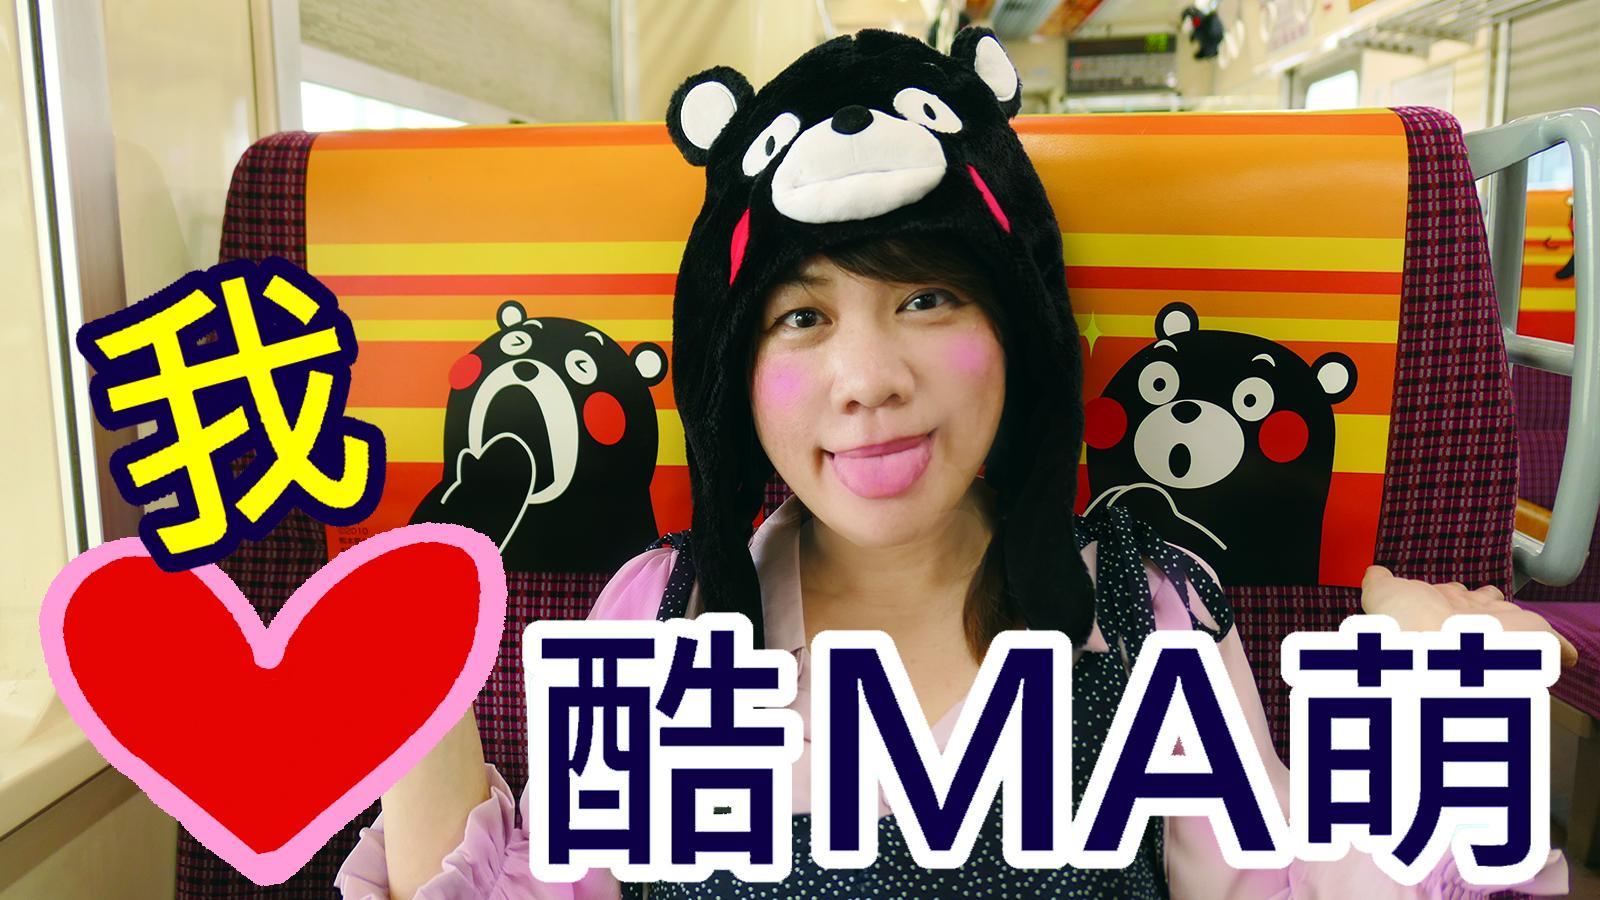 酷MA萌彩繪列車・酷MA萌廣場・12尊酷MA萌雕像・酷MA萌主題商店